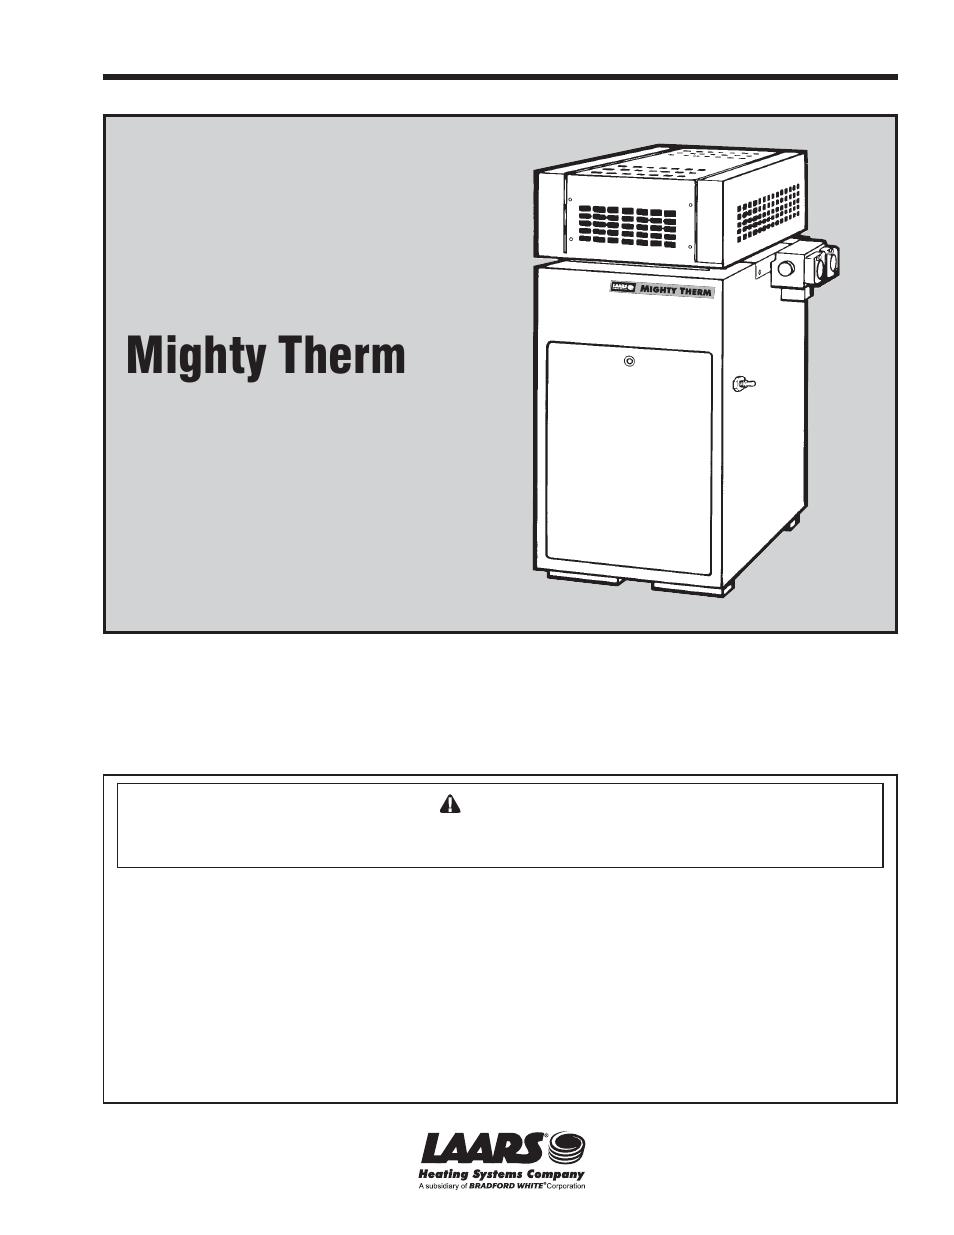 Teledyne Laars Boiler Wiring Diagram Honda 2002 250 Rebel Wiring-diagram